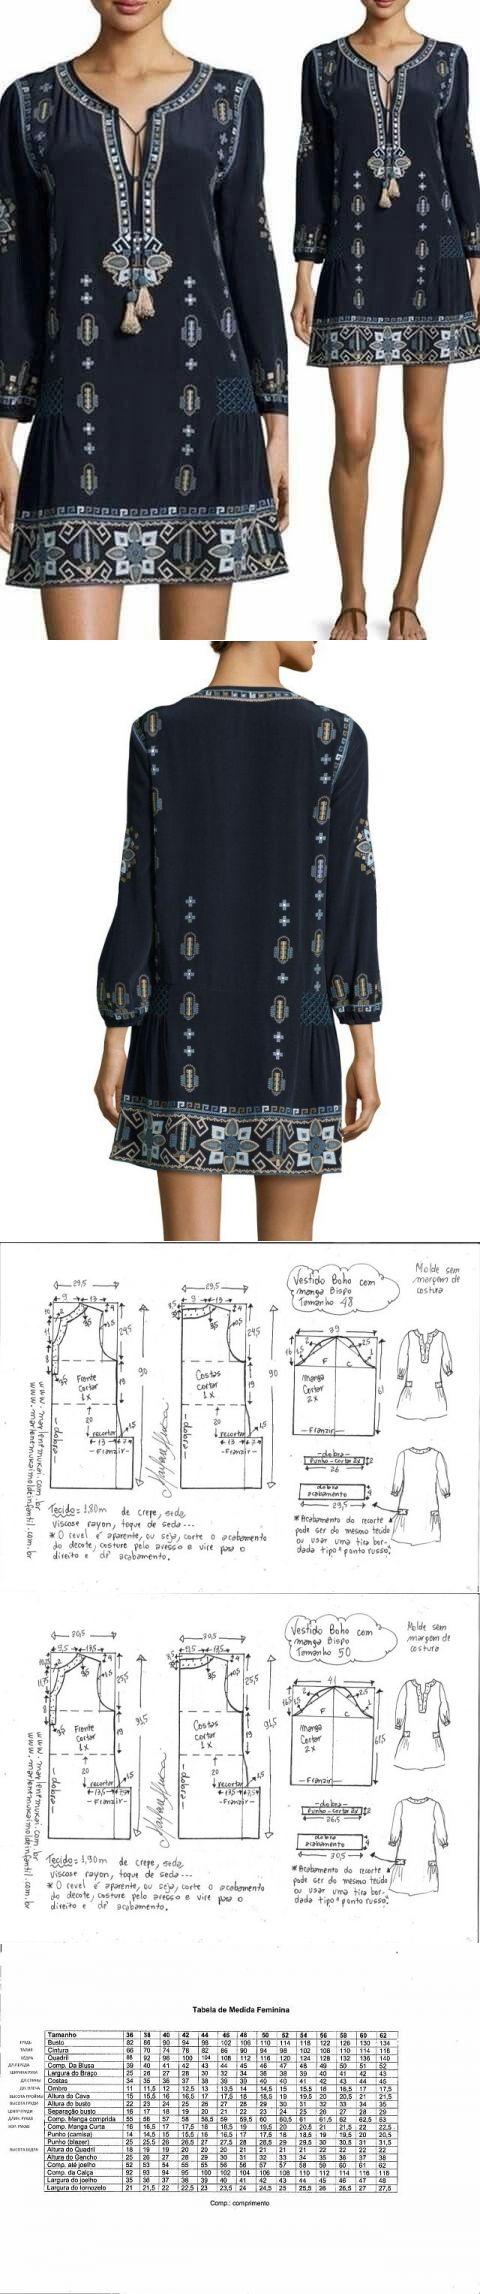 Выкройка женского платья. Размеры от 36-56(евро) (Шитье и крой) | Журнал Вдохновение Рукодельницы